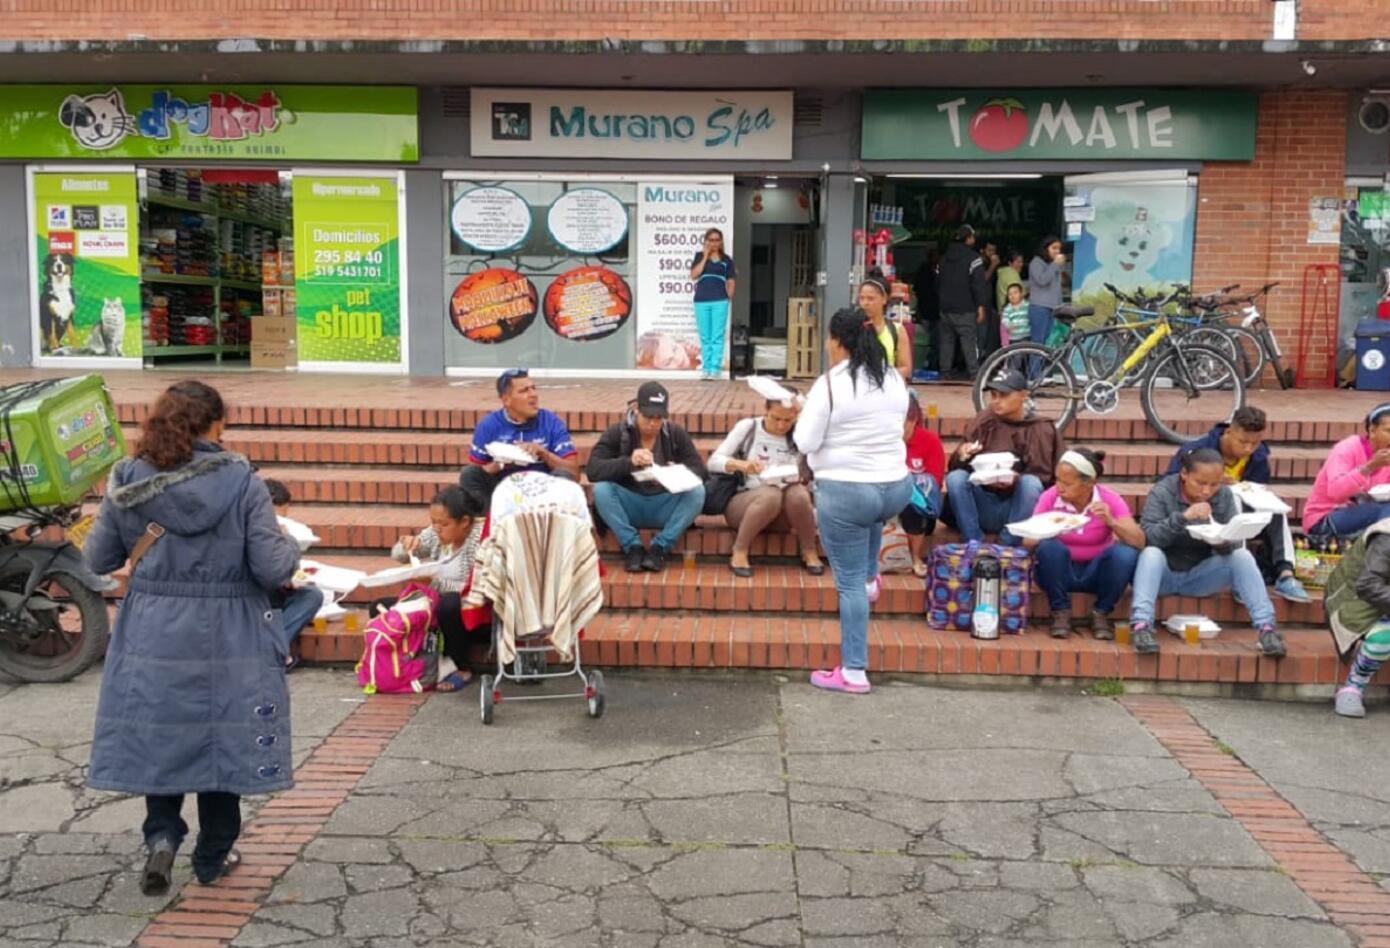 El panorama en varias zonas de Bogotá no es el más alentador por los venezolanos deambulando en medio del frío y el hambre.